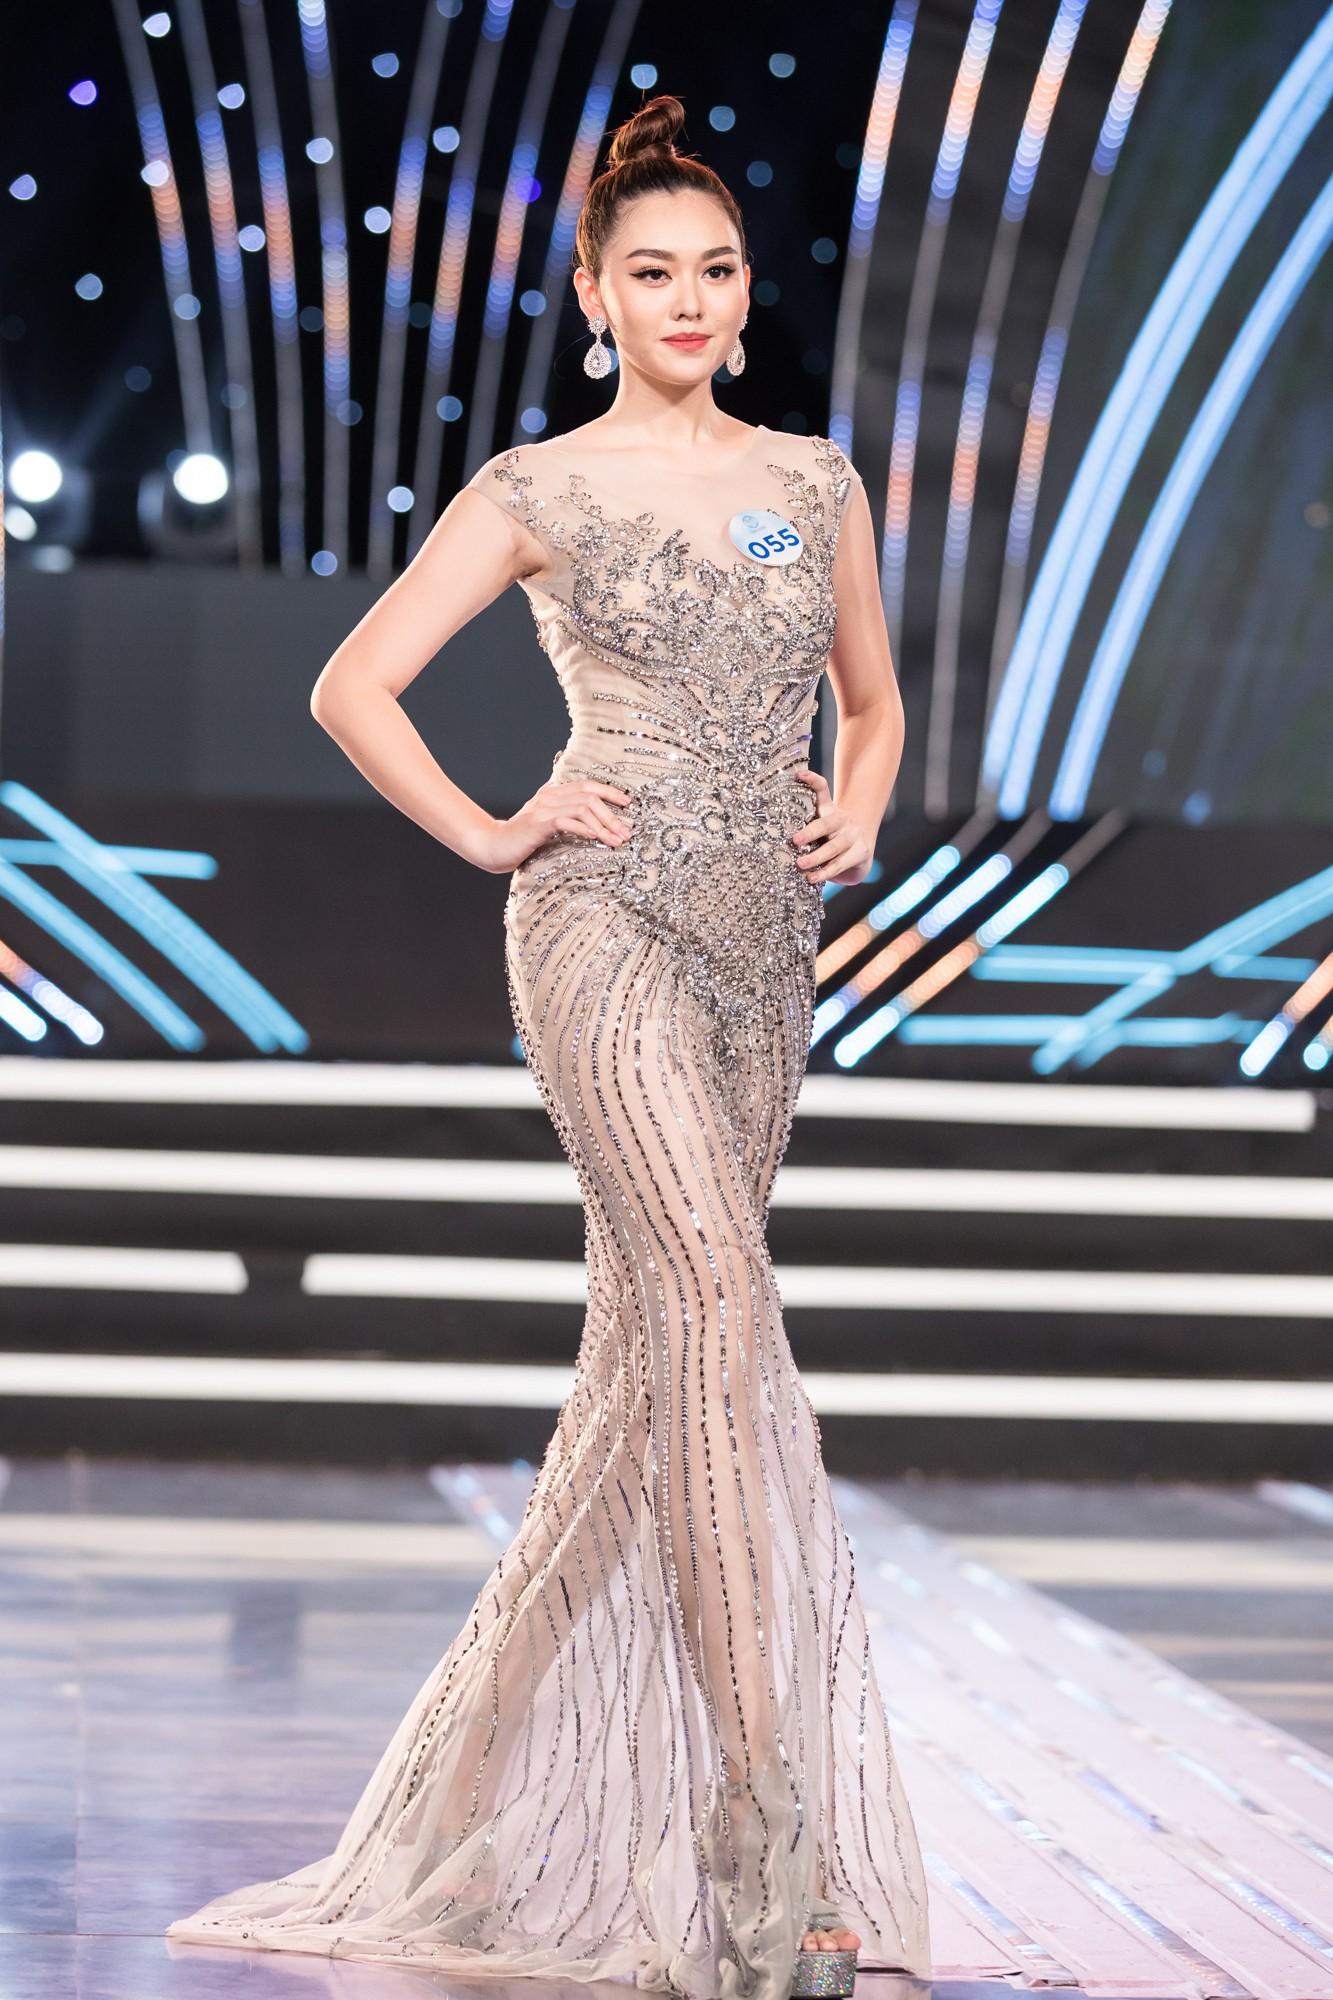 Chính thức lộ diện 20 chiến binh tiếp theo bước vào vòng chung kết Miss World Việt Nam 2019 - Ảnh 10.